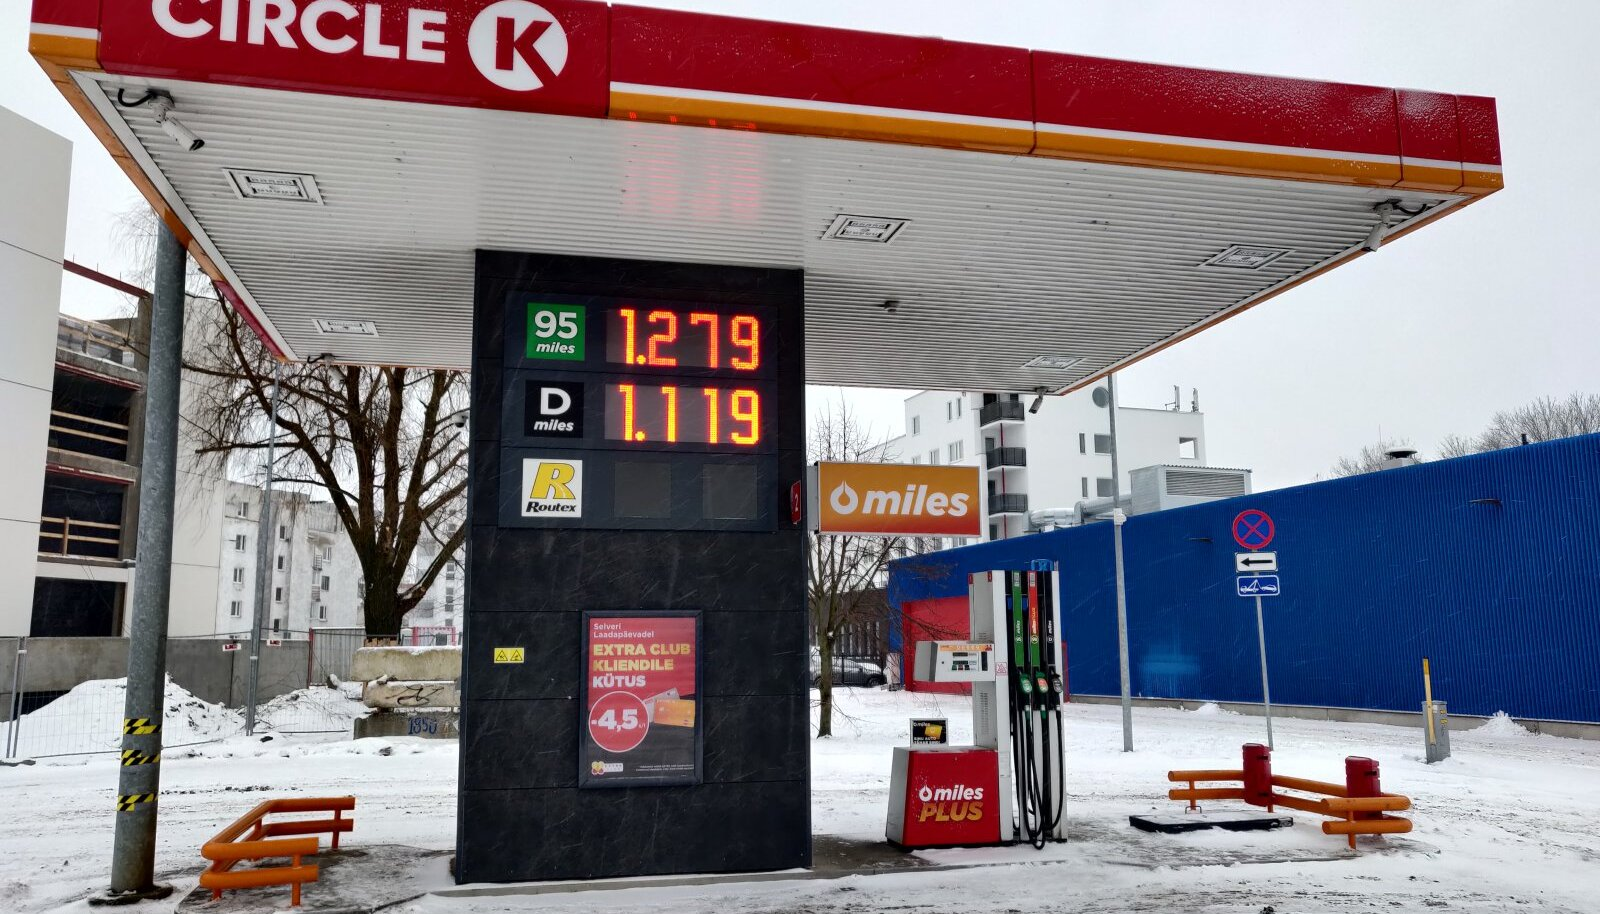 Kütuse hind Tallinnas Tööstuse tänaval 12.01.2021